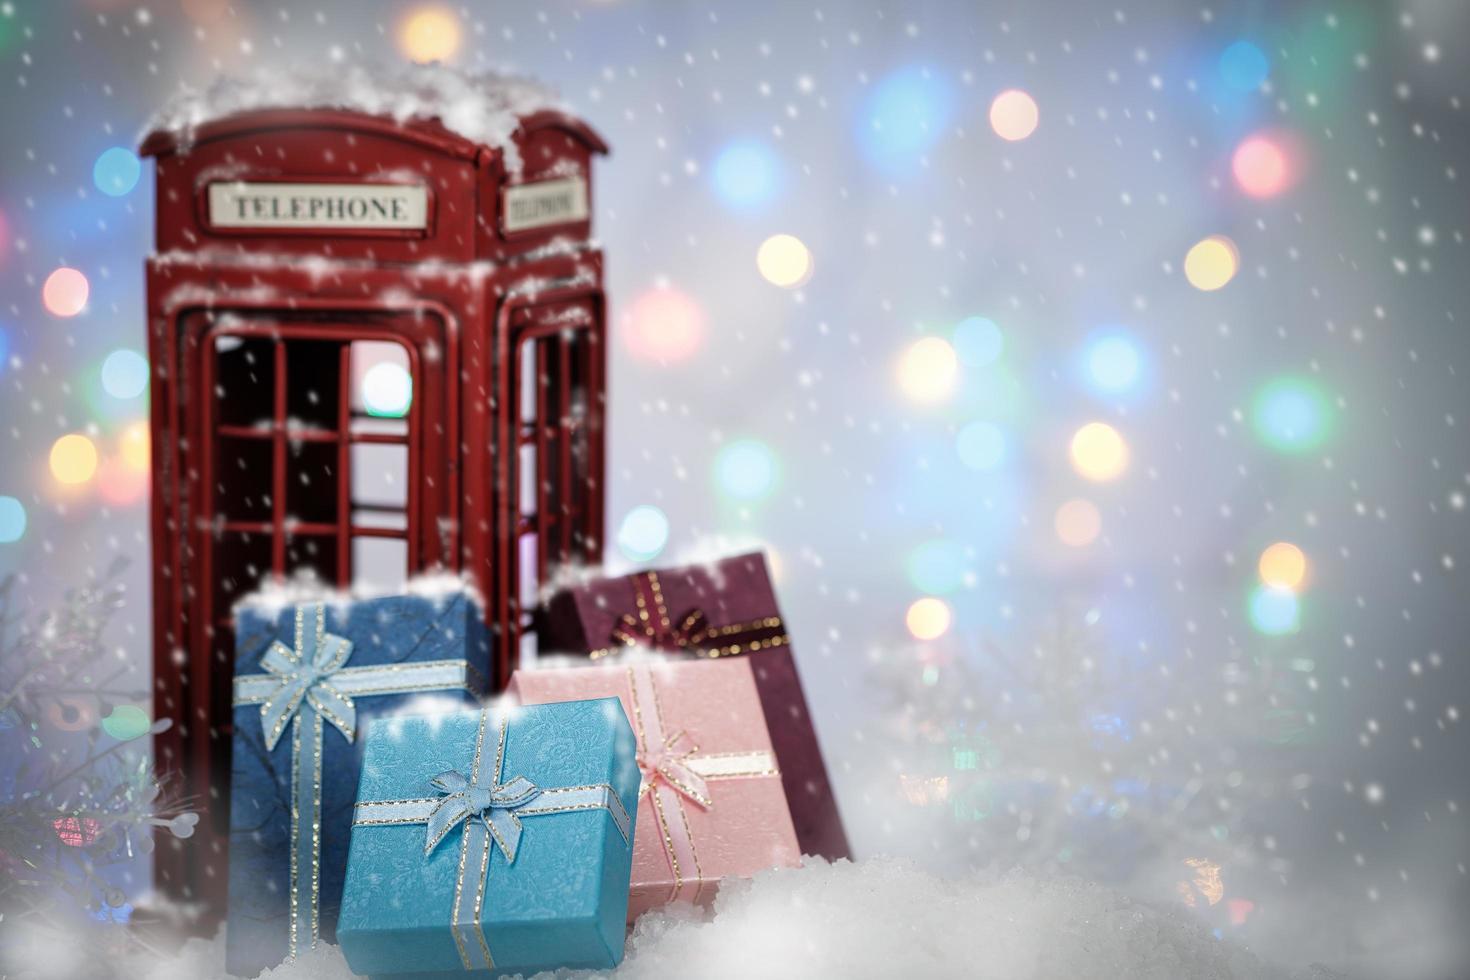 cajas de regalo y cabina telefónica foto